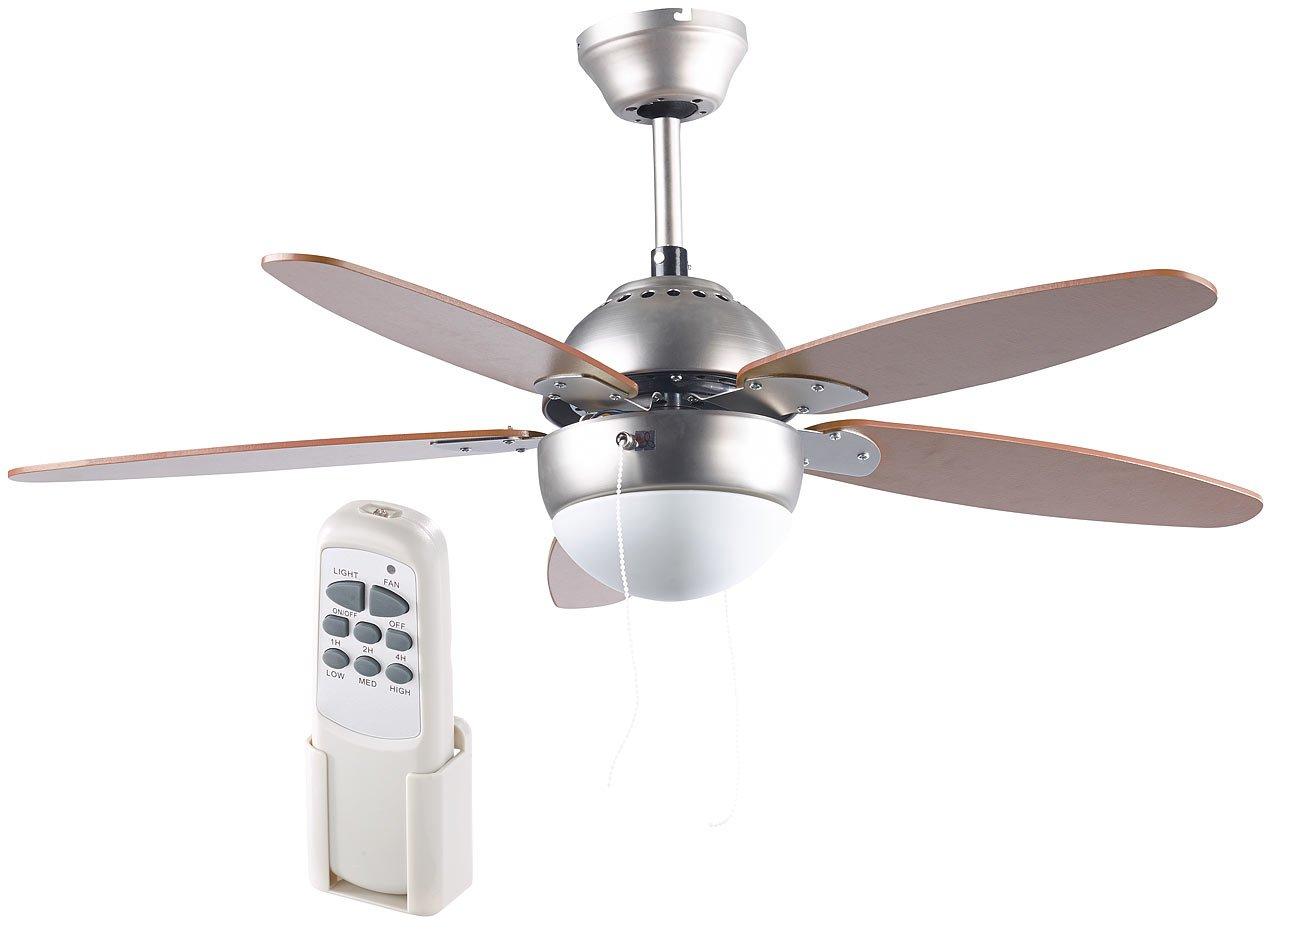 Sichler Haushaltsger/äte Ventilator: Deckenventilator VT-597 m Holzfl/ügeln /Ø 92 cm Beleuchtung Fernbed Deckenventilatoren mit Lampe